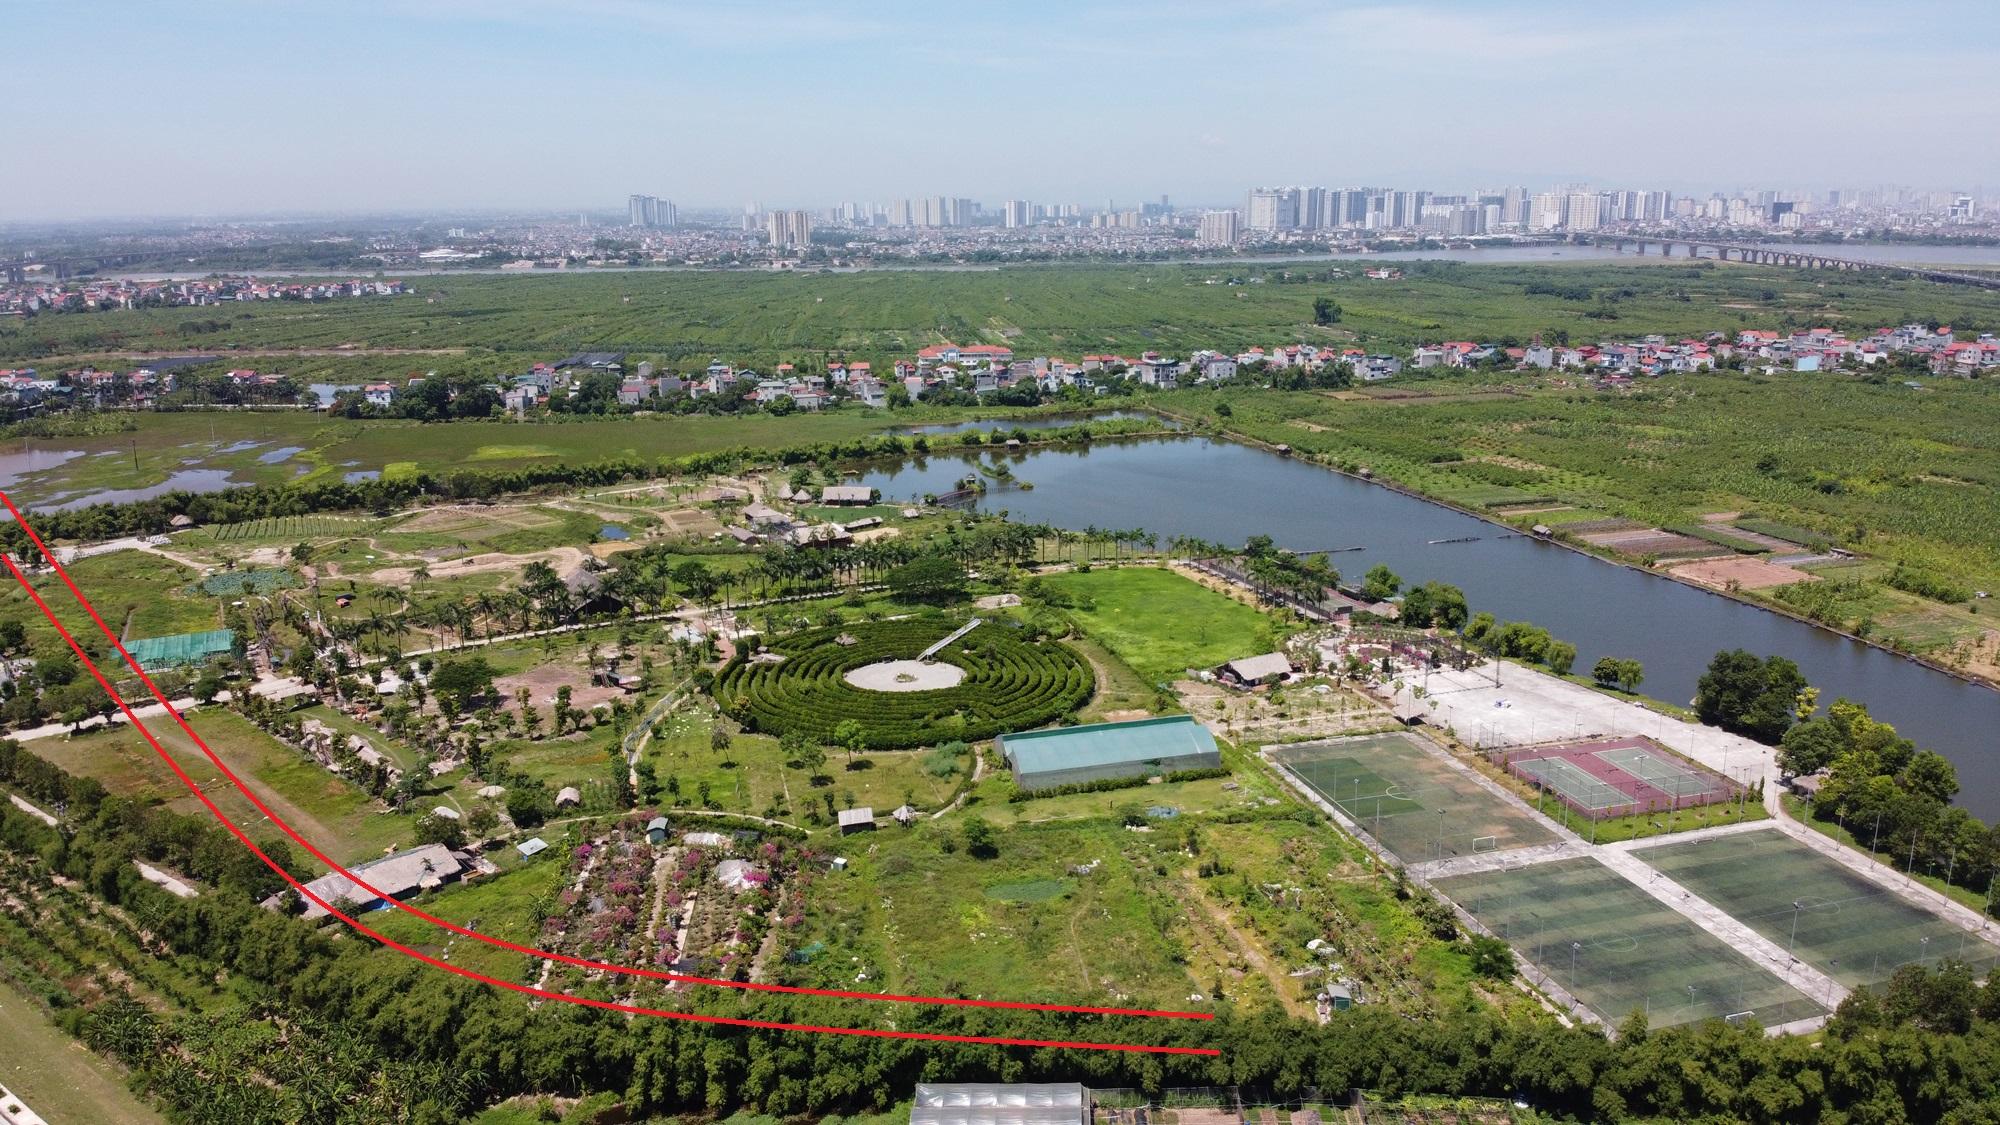 3 đường sẽ mở theo qui hoạch ở phường Cự Khối, Long Biên, Hà Nội - Ảnh 11.